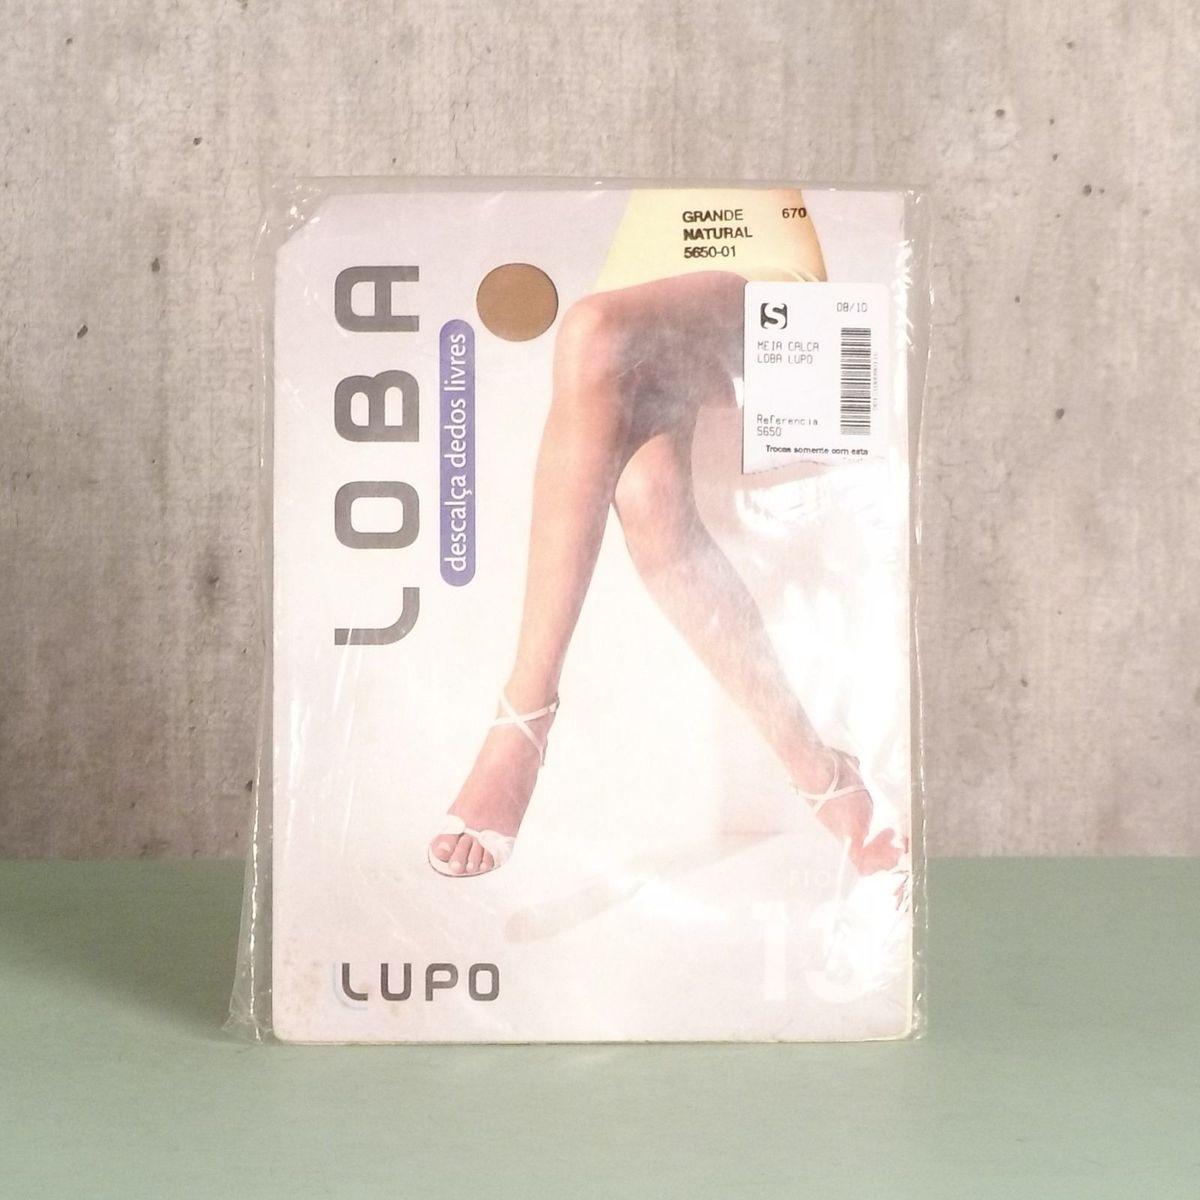 935939591 meia calça grande natural fio 13 - meia-calça lupo